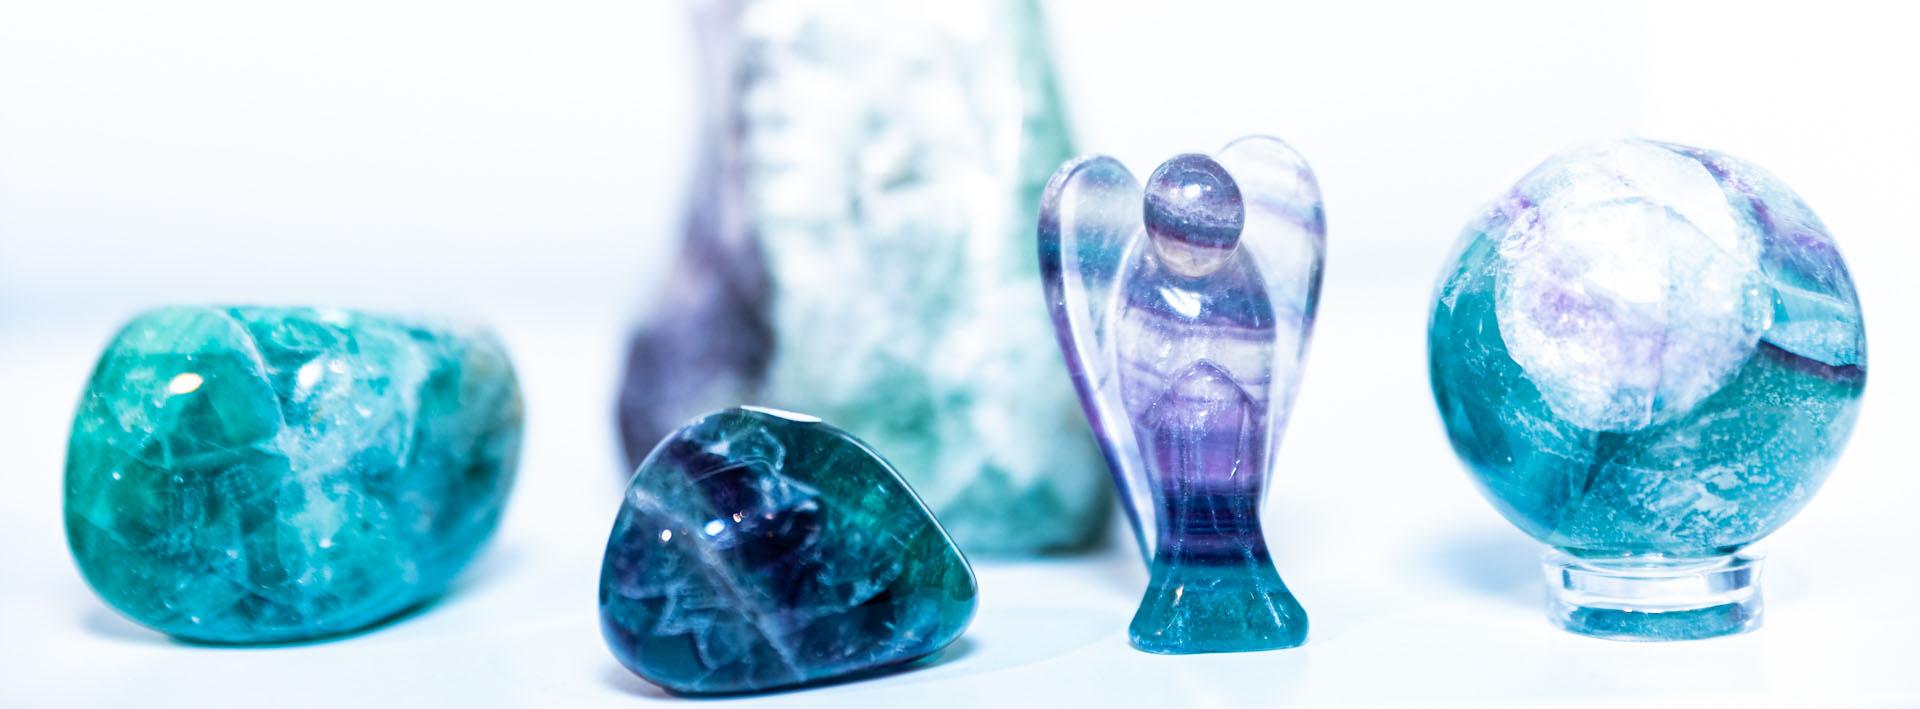 Kristallen_4